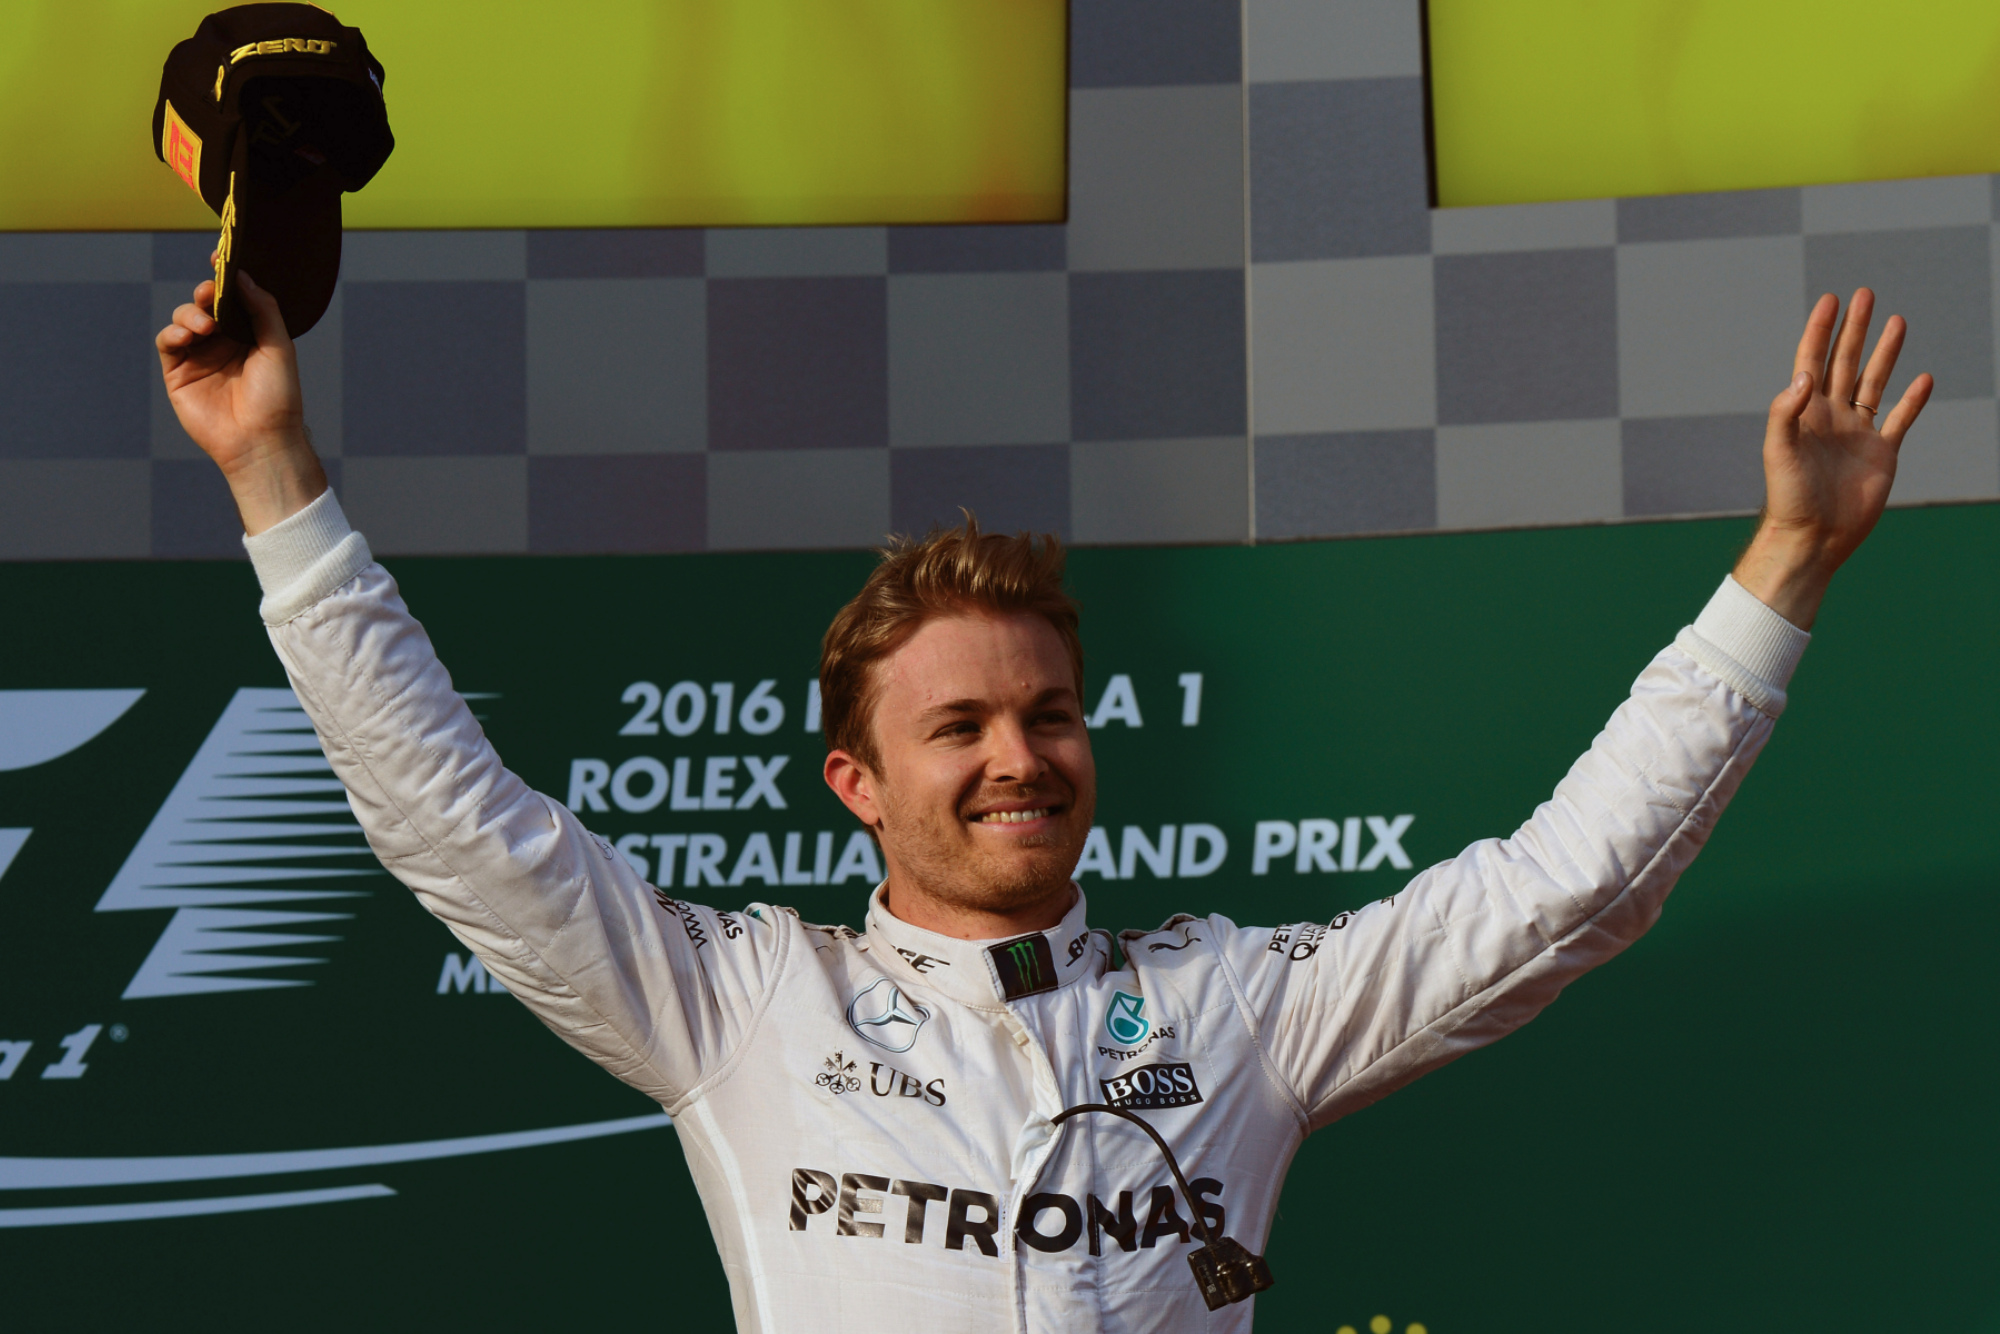 Nico Rosberg celebrates his win in Melbourne